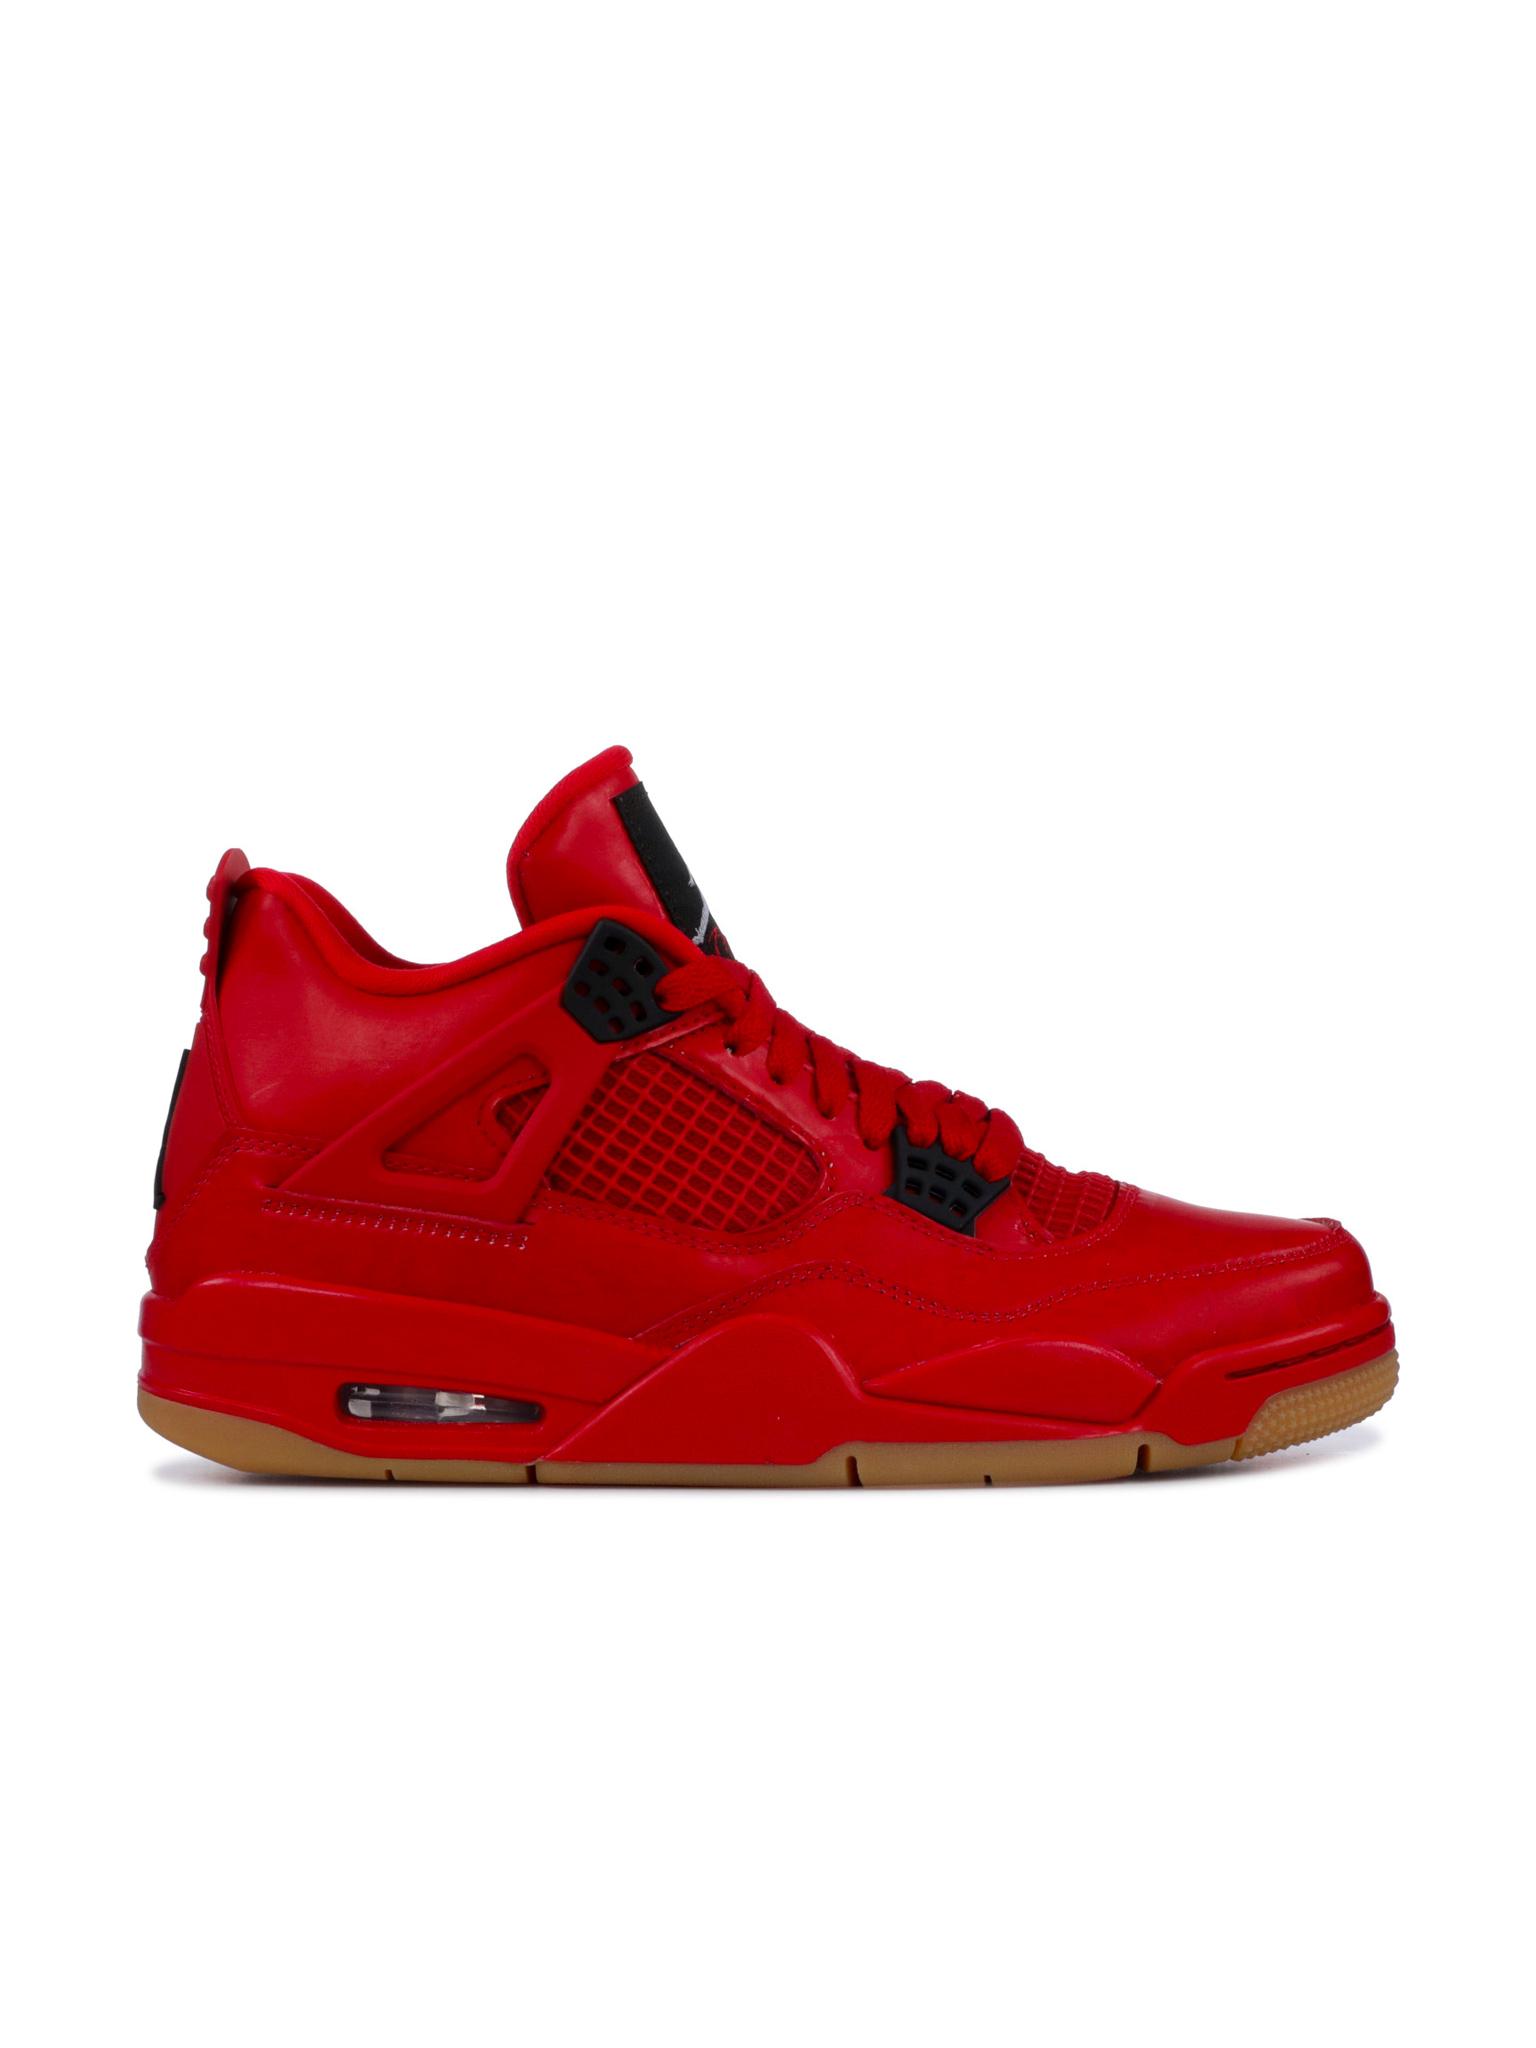 4 Retro NRG Singles Day Sneakers, Red, Air Jordan